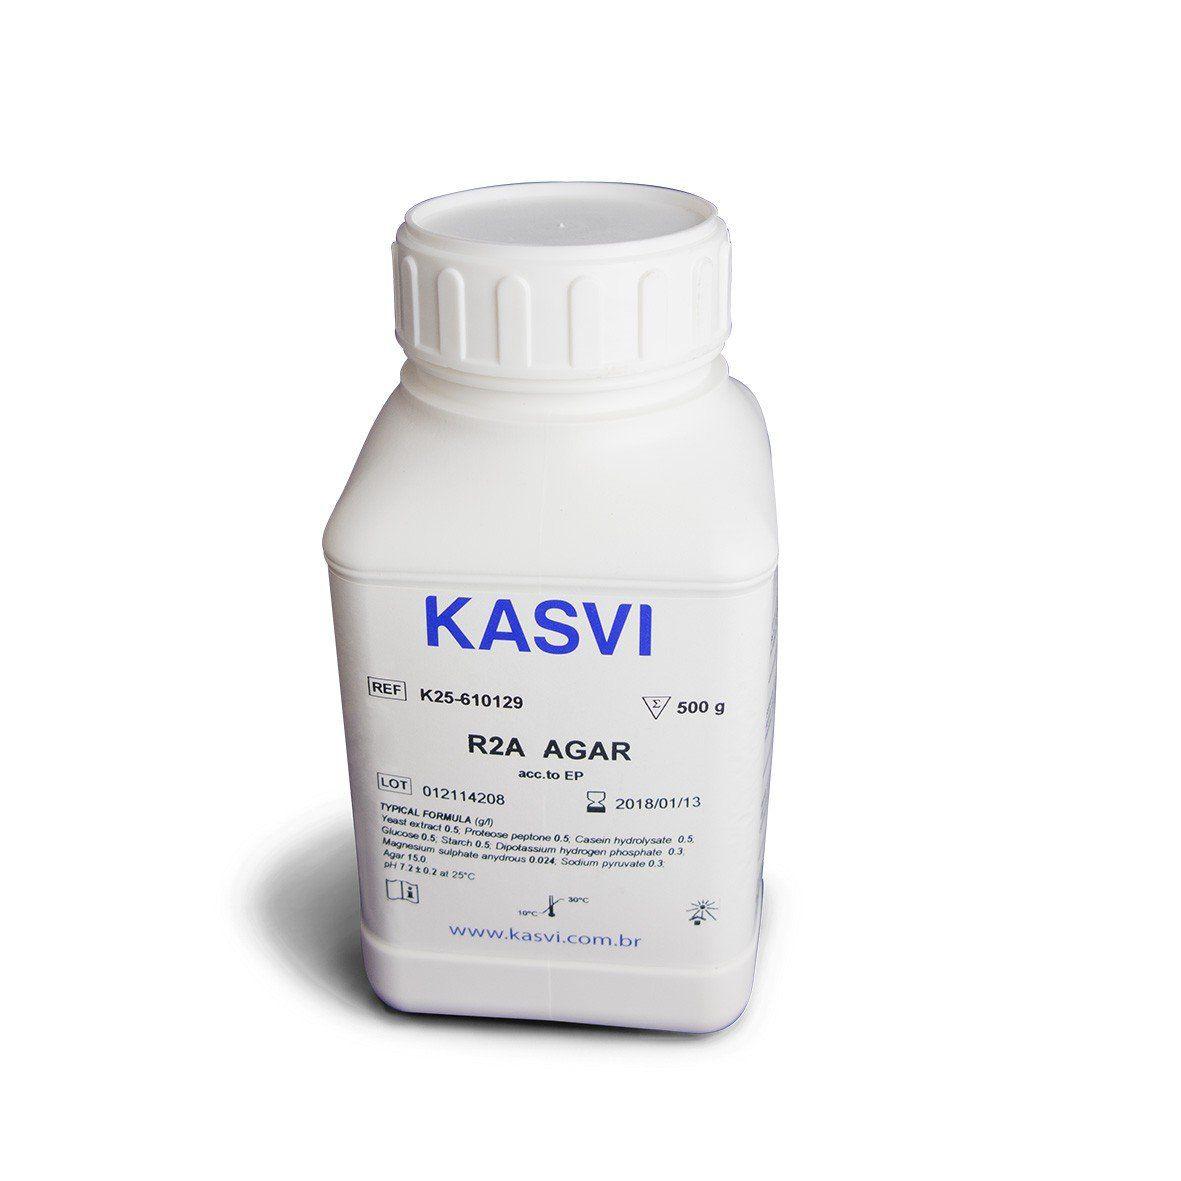 Agar R2A Frasco 500 g Kasvi